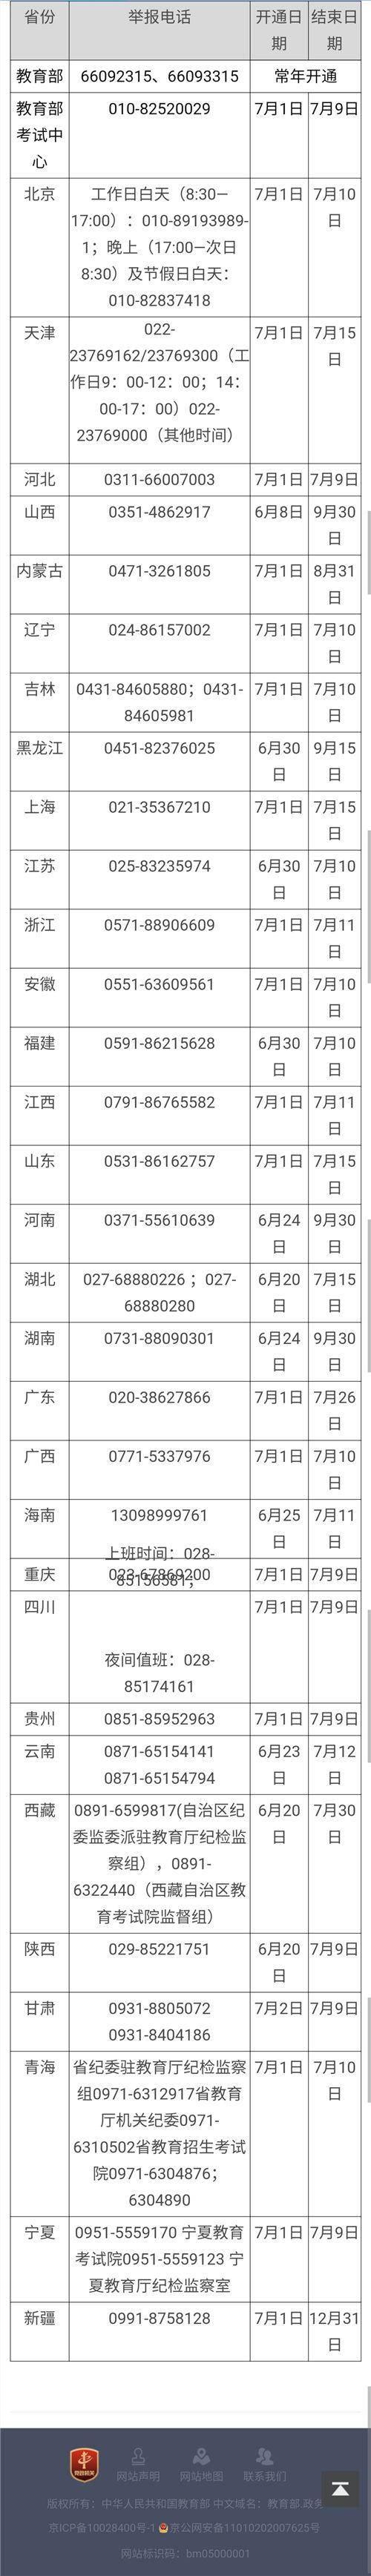 教育部和各省(区、市)高考举报电话公布